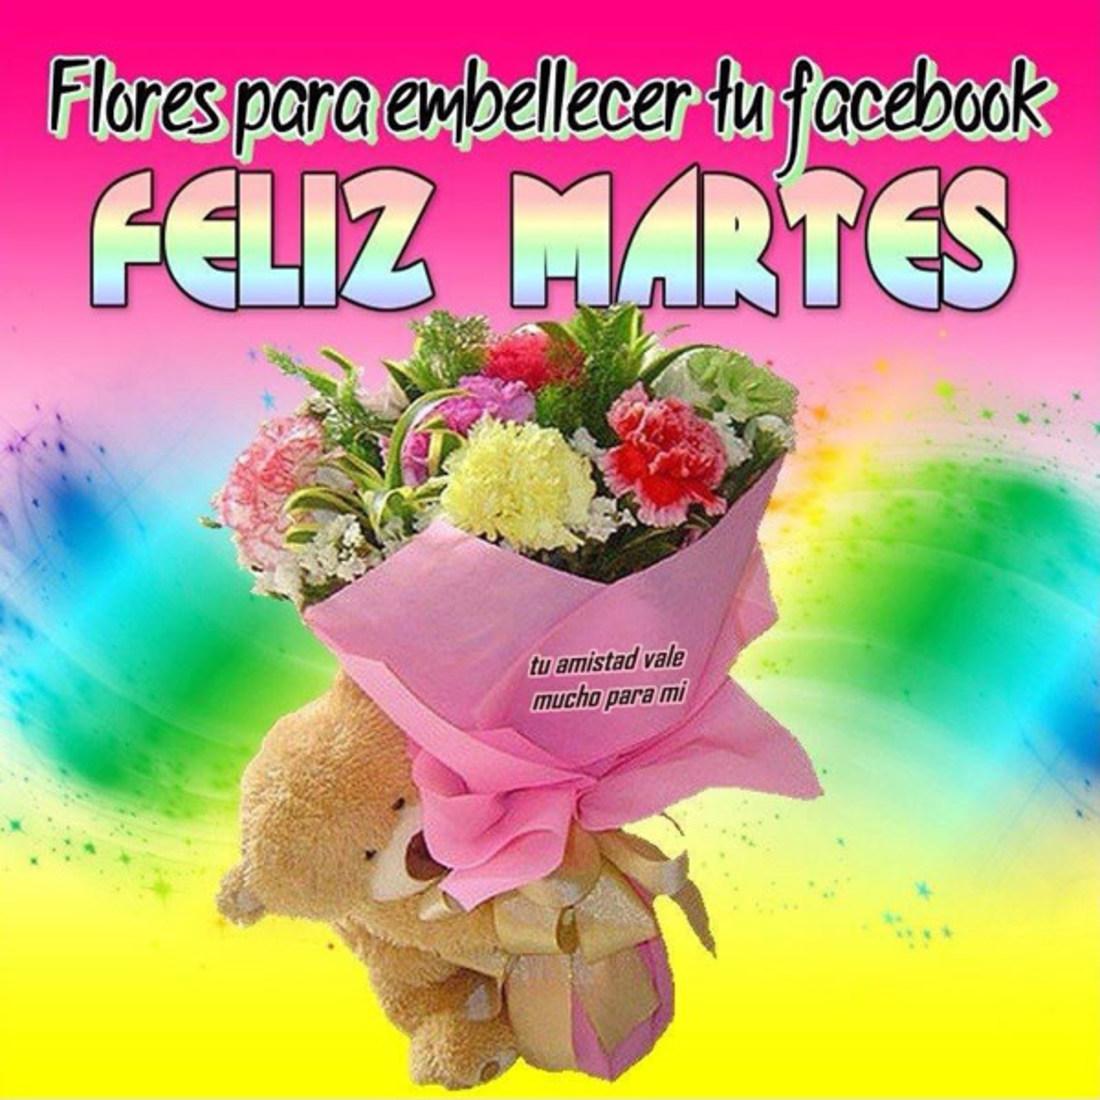 Flores embeceller tu facebook feliz martes